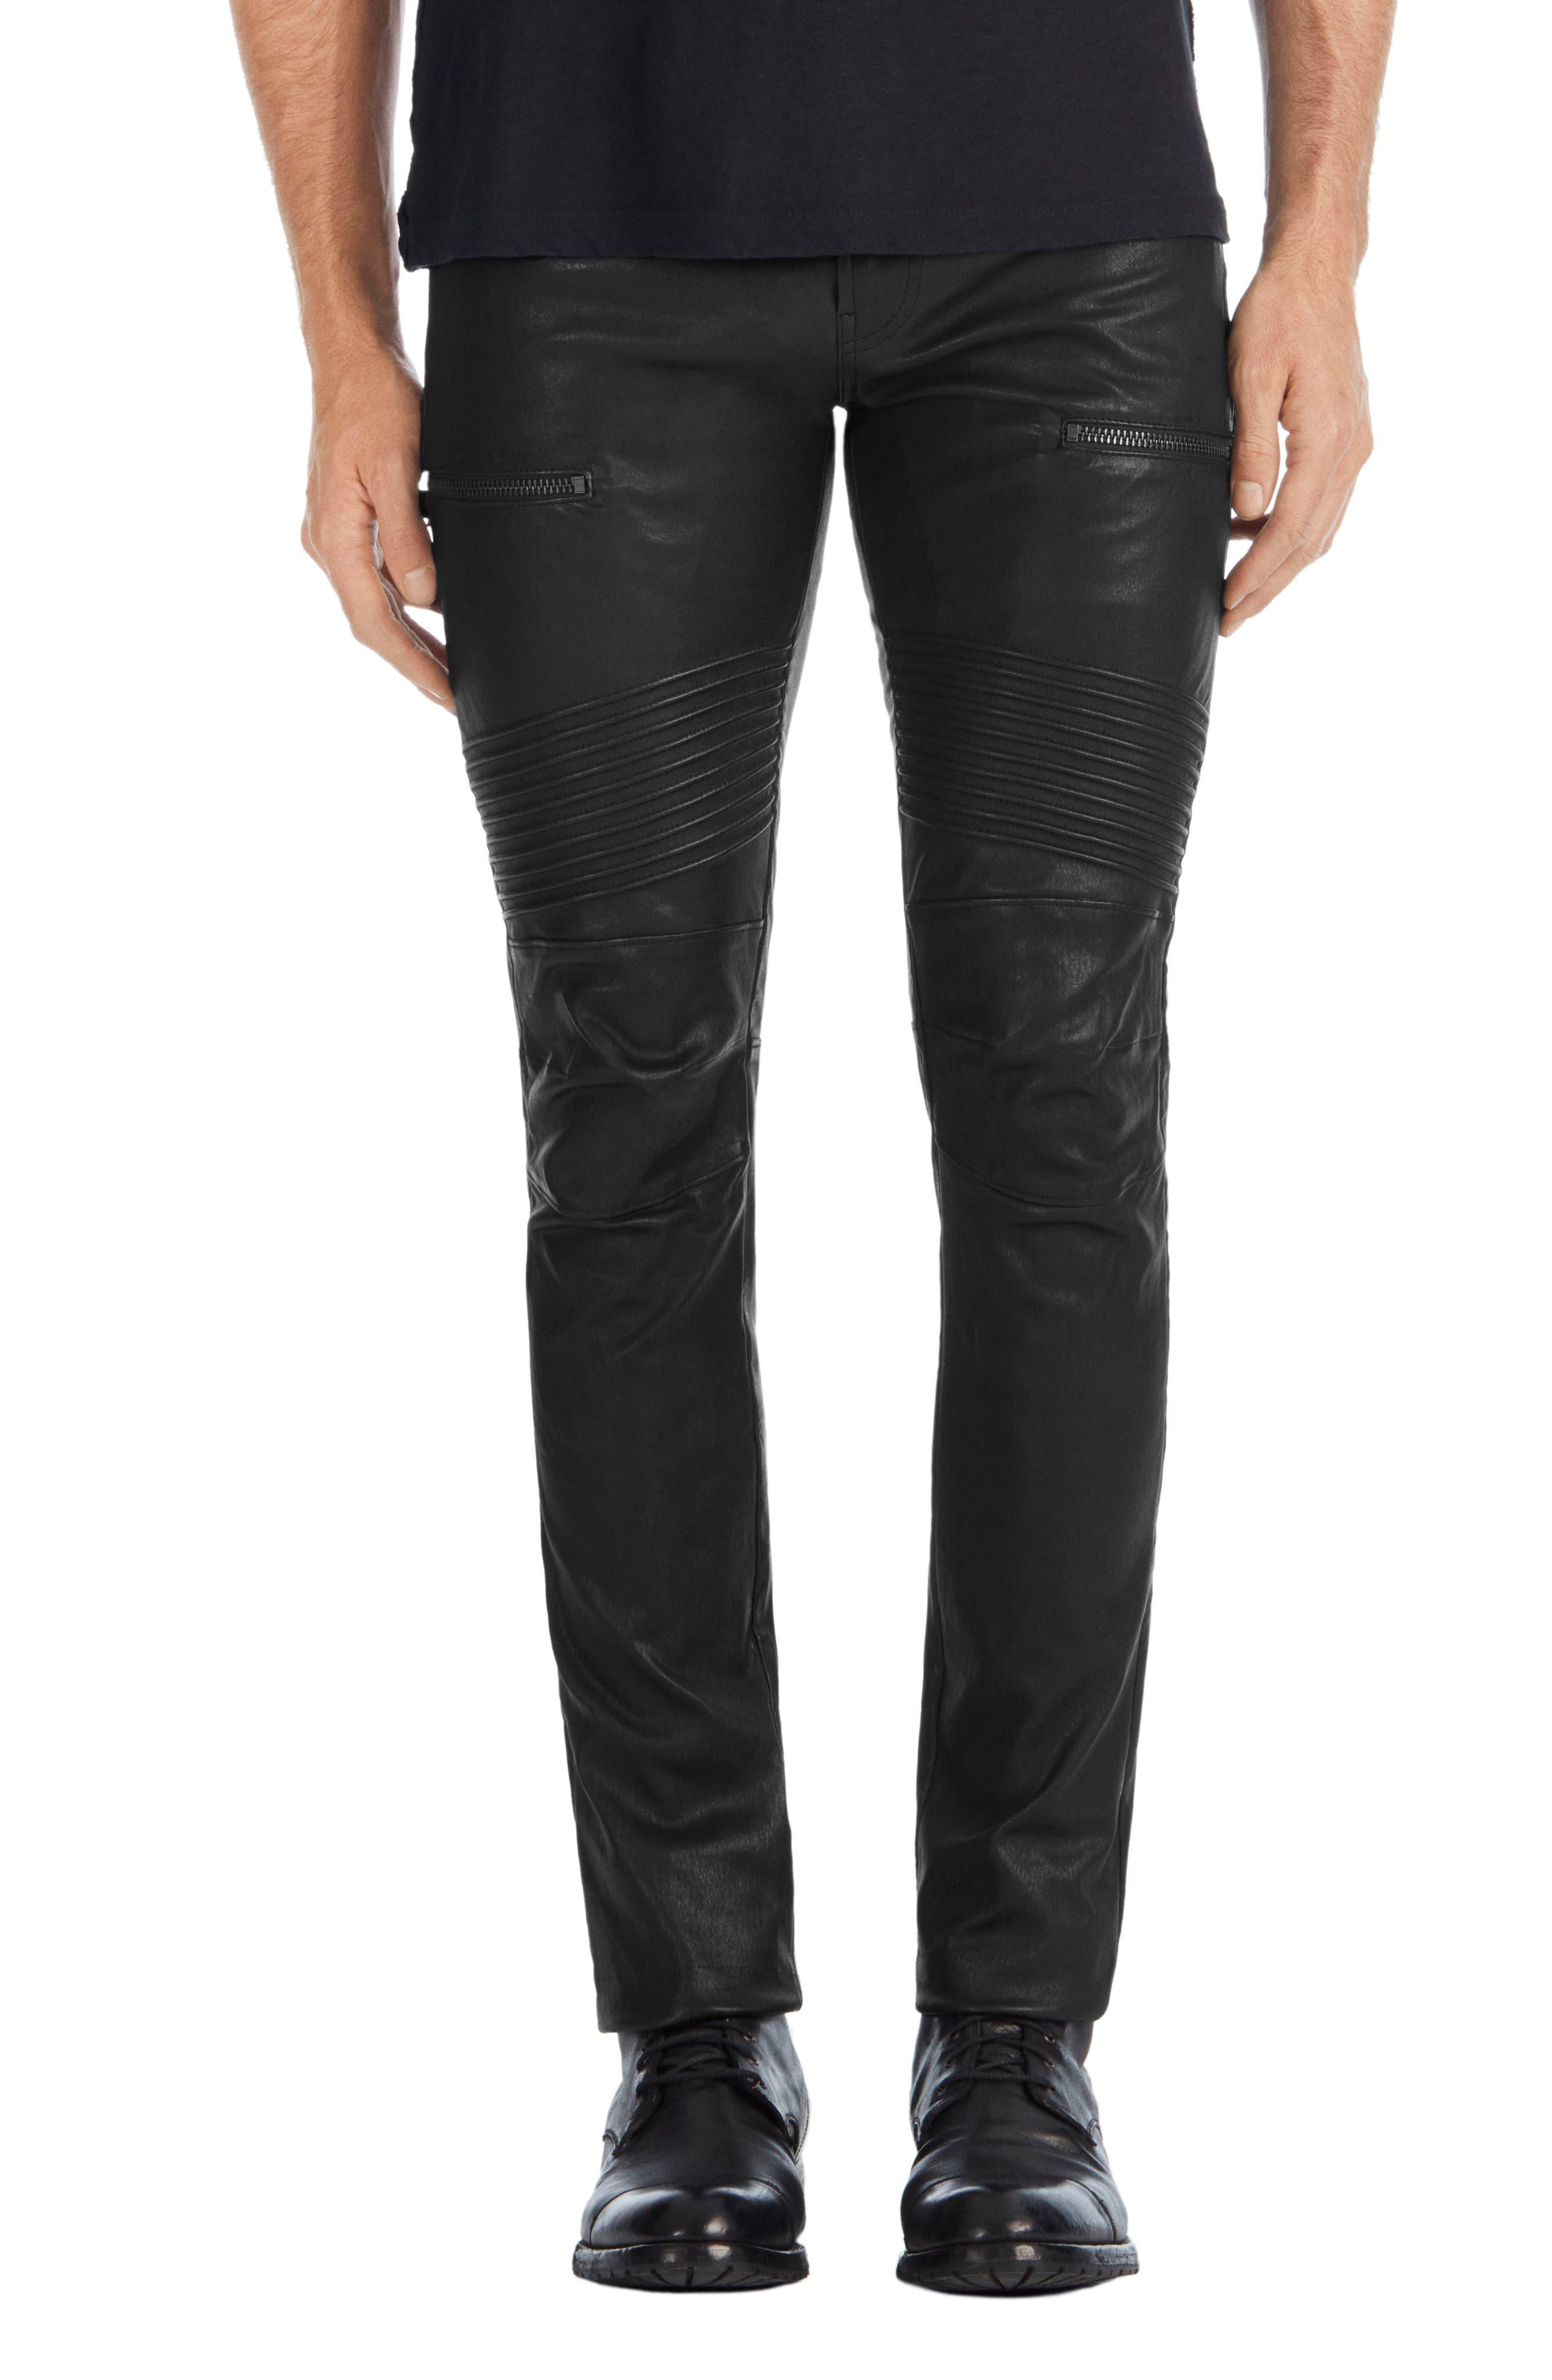 Acrux Skinny Leg Leather Pants,                         Main,                         color,